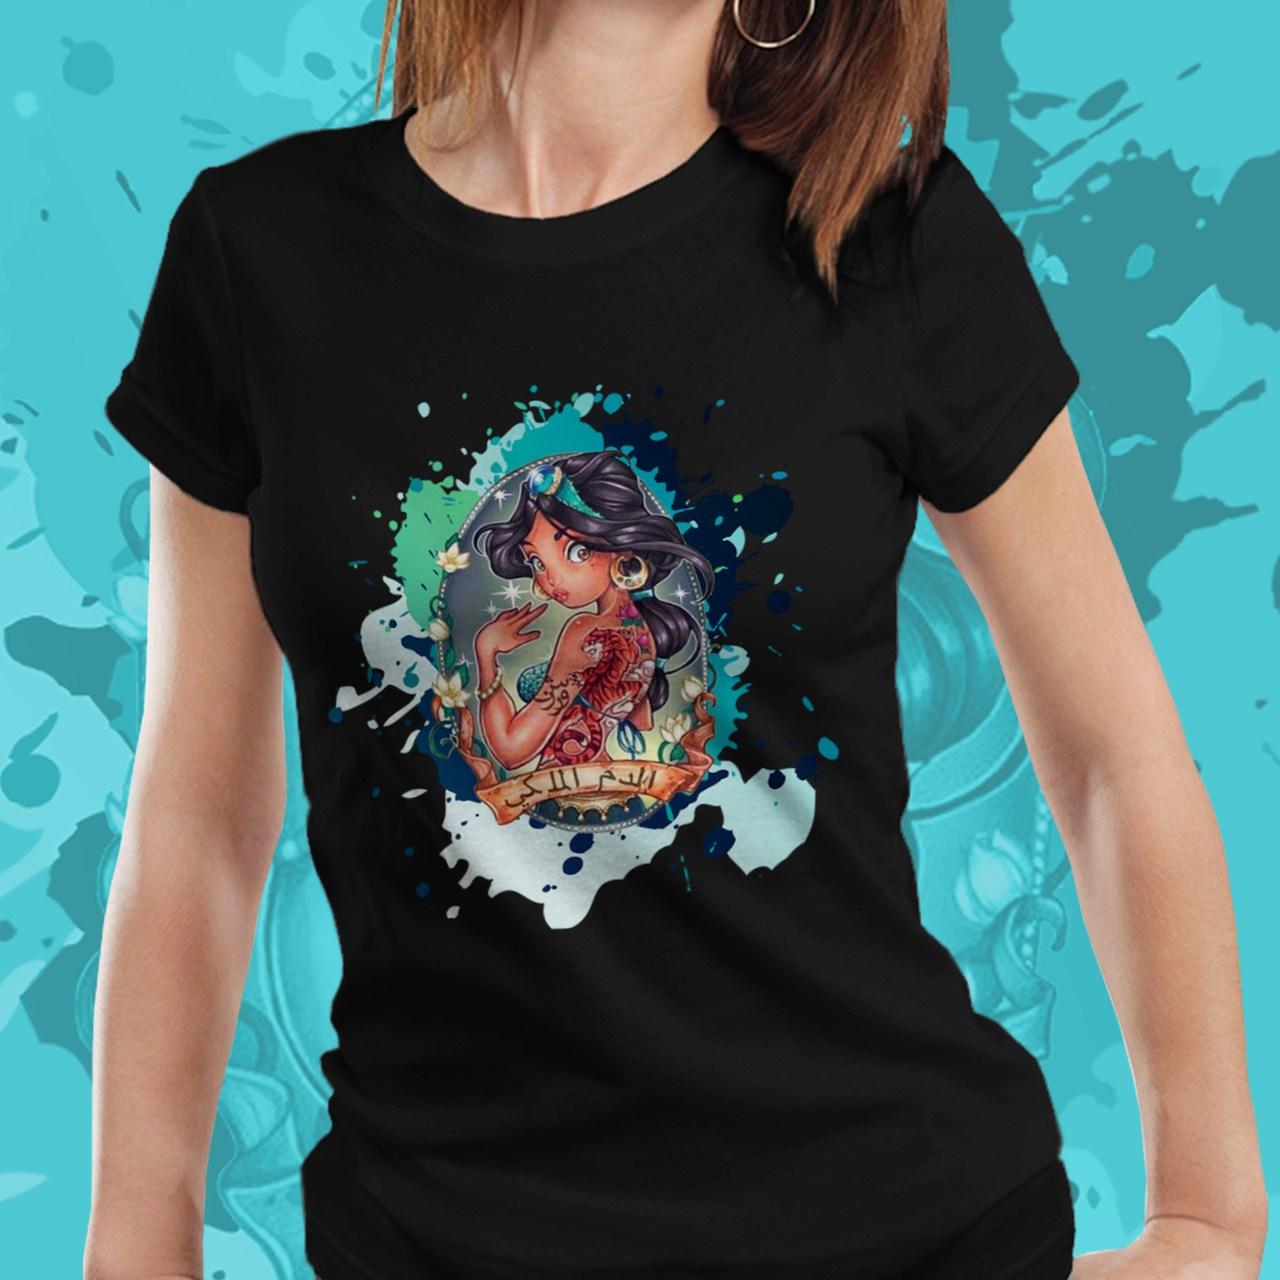 Camiseta Feminina Princesa Jasmin: Alladin - Disney (Preto) - EV